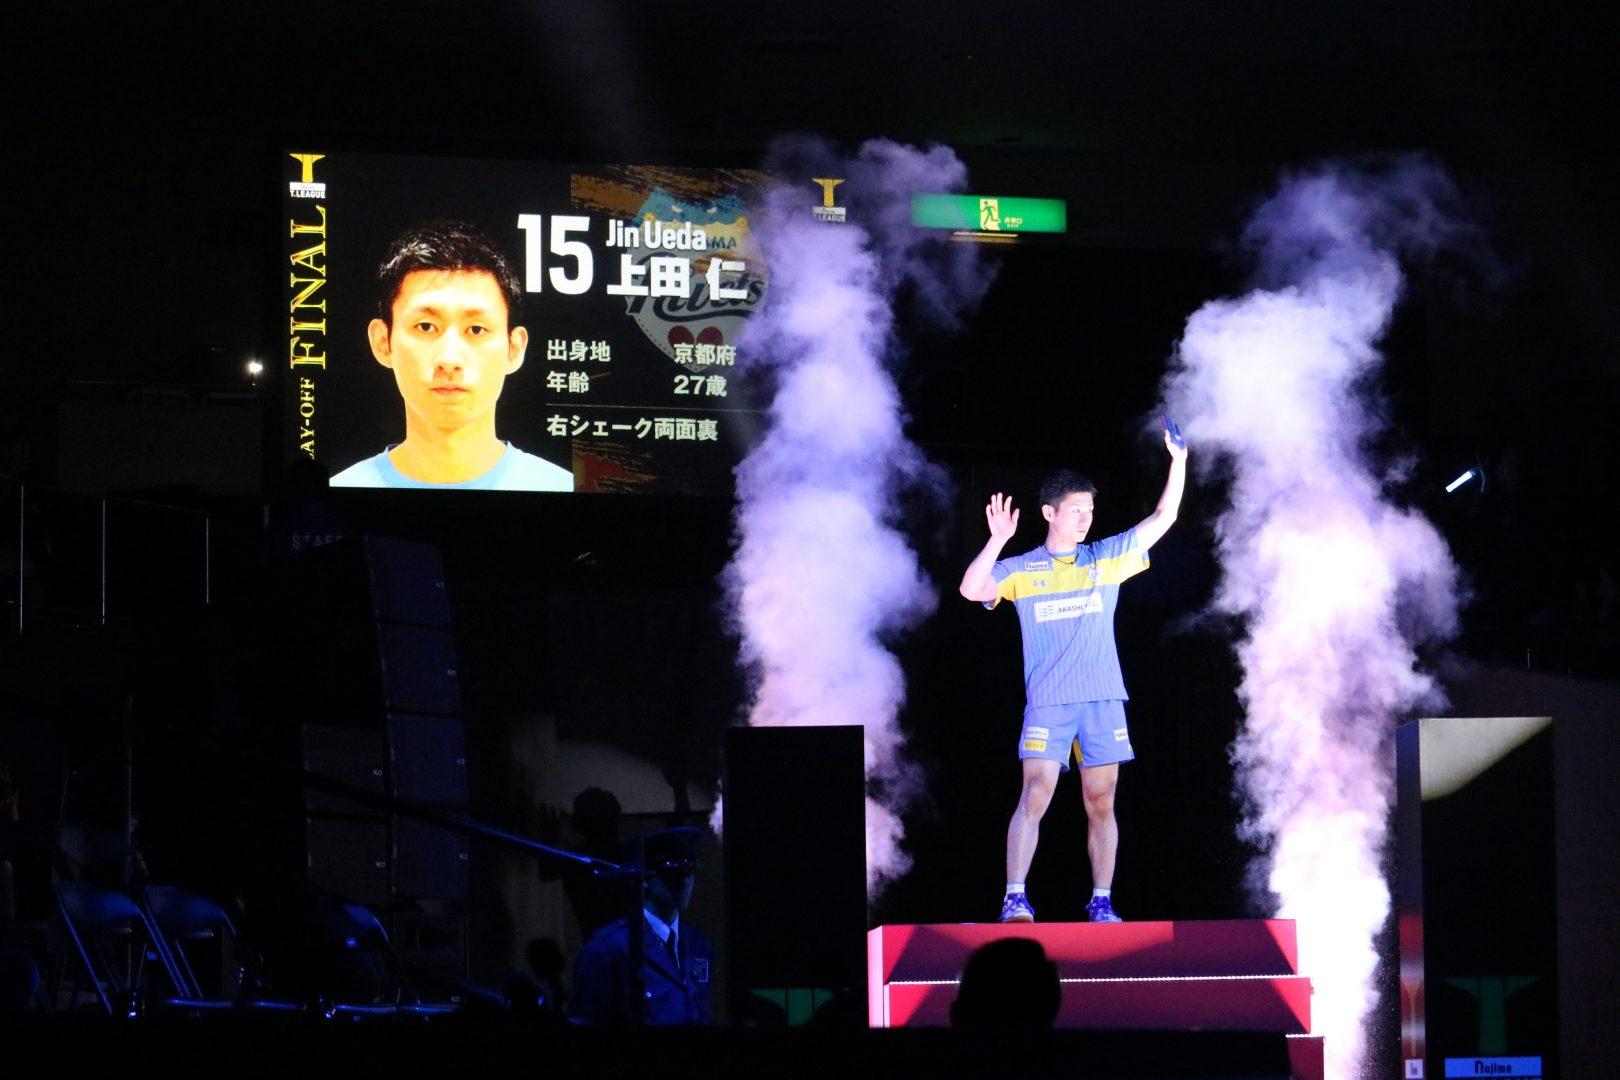 【卓球】入場者数5120名 Tリーグの頂上決戦に両国国技館が湧いた